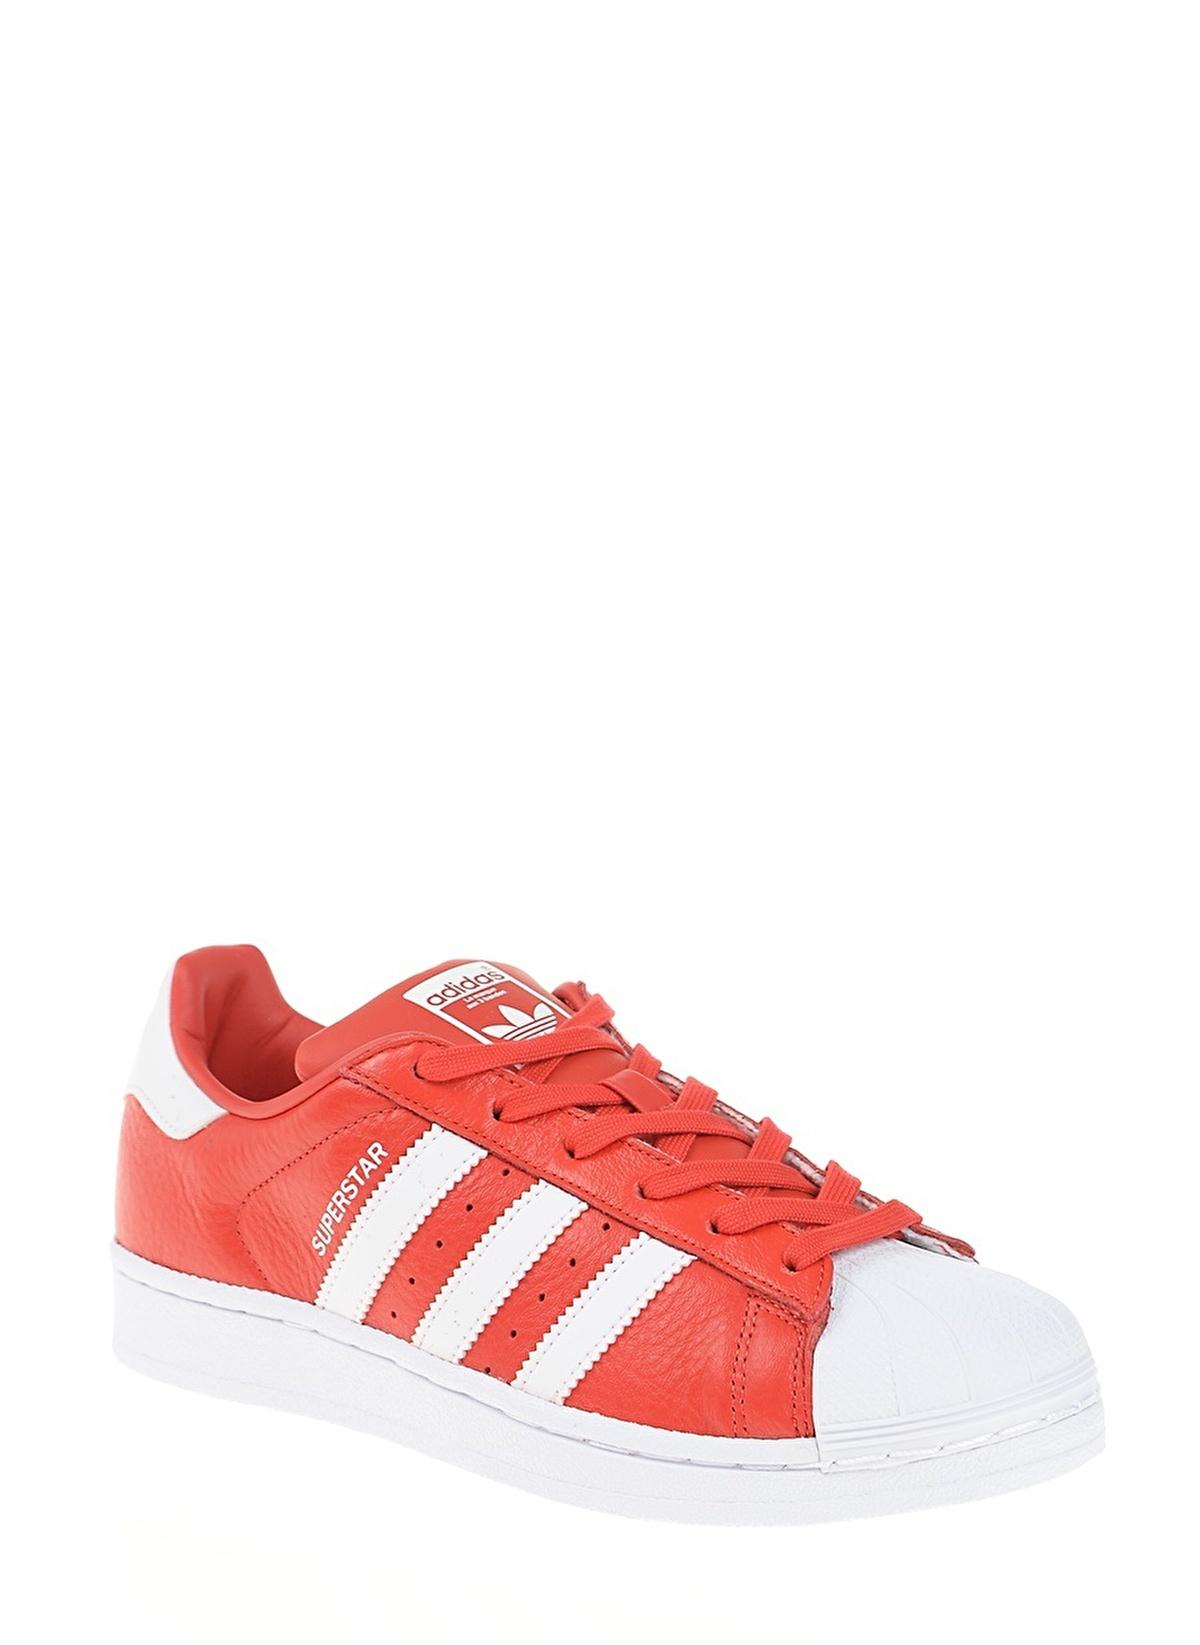 262d658515305 adidas Erkek Superstar Red/Ftwwht/Red | Morhipo | 19144514